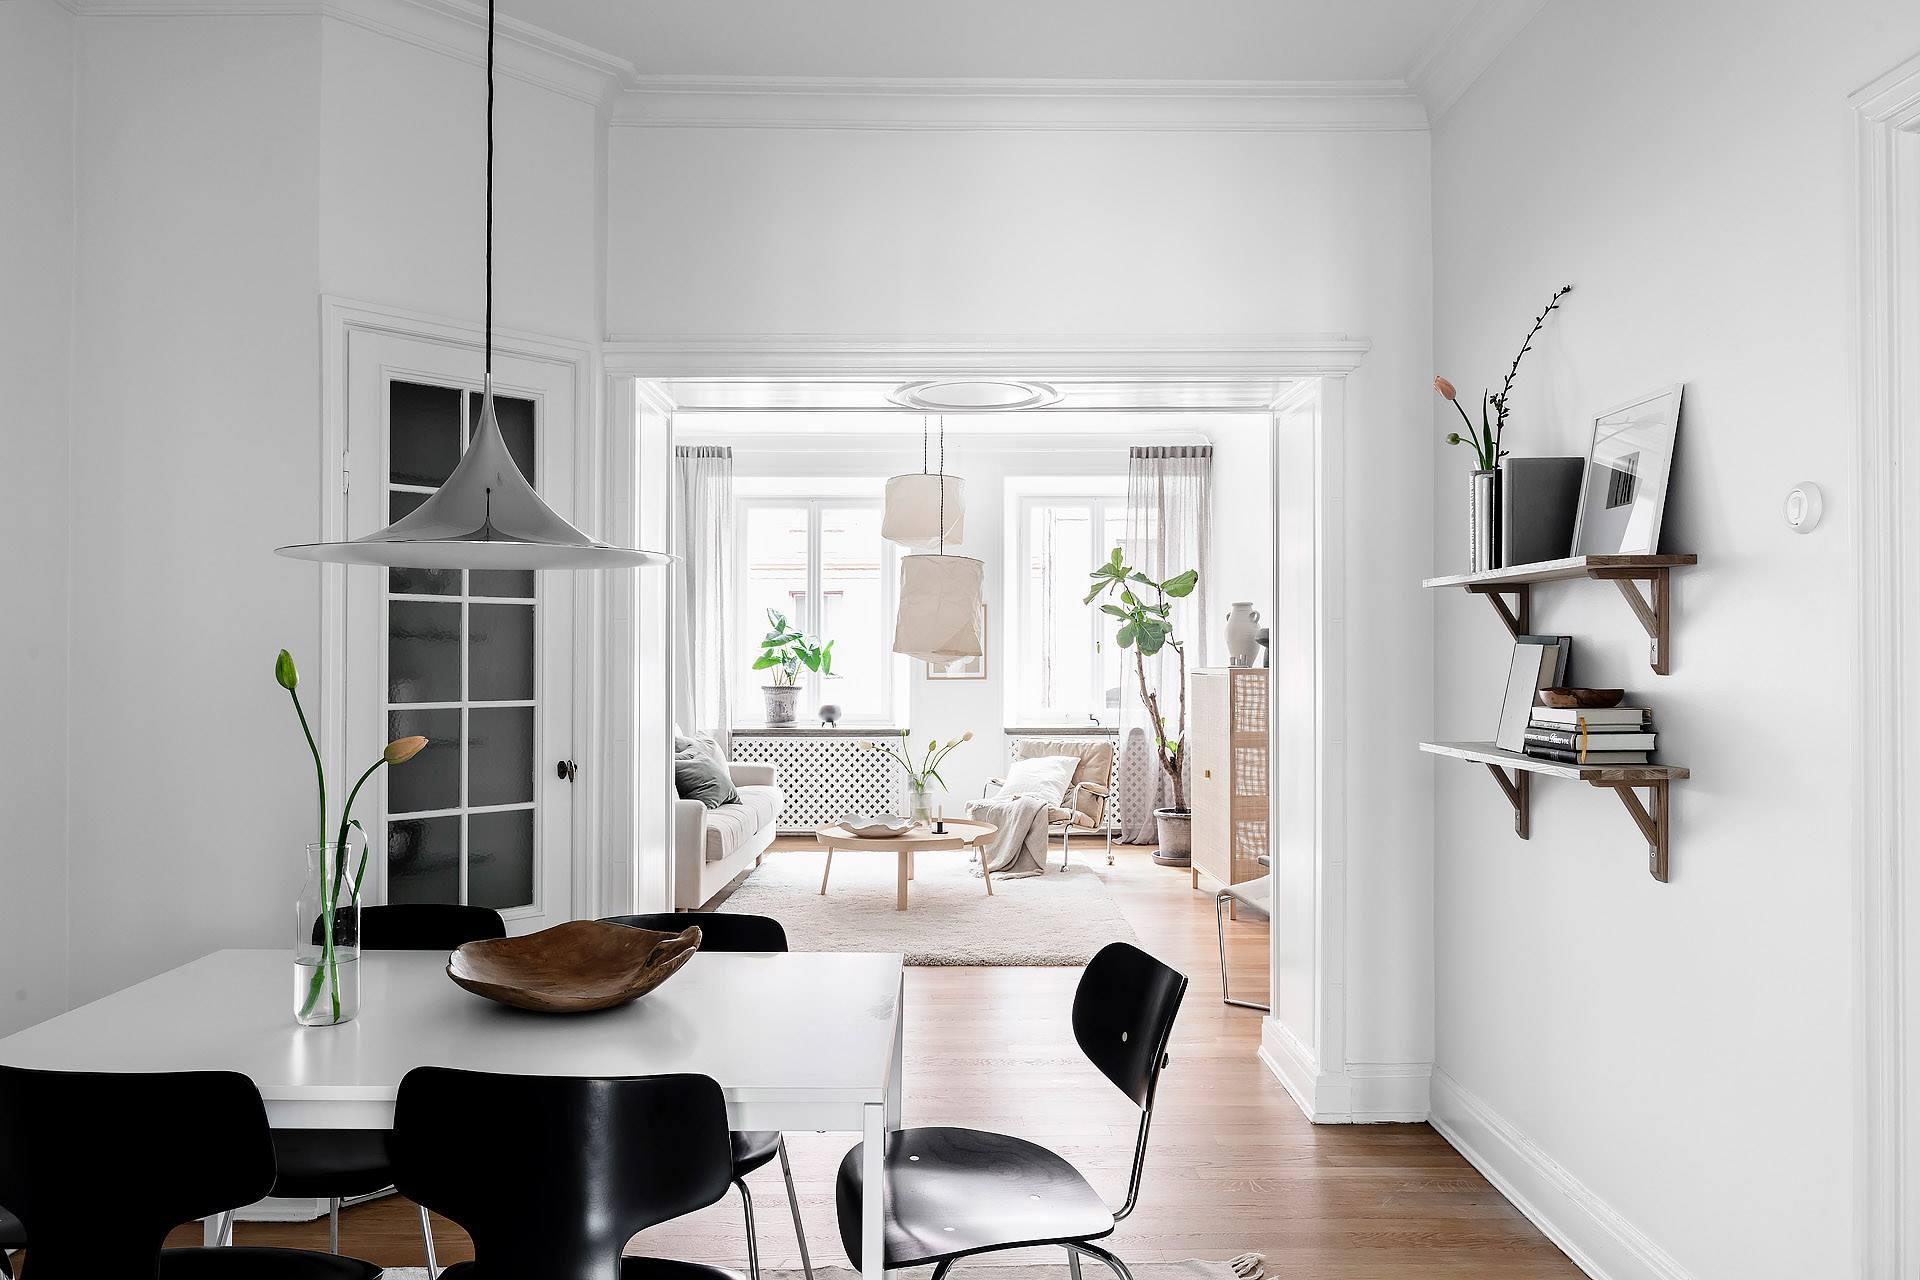 Không gian sinh hoạt chung được trang trí bằng các docor đơn giản mang màu sắc rất riêng của phong cách Scandinavian